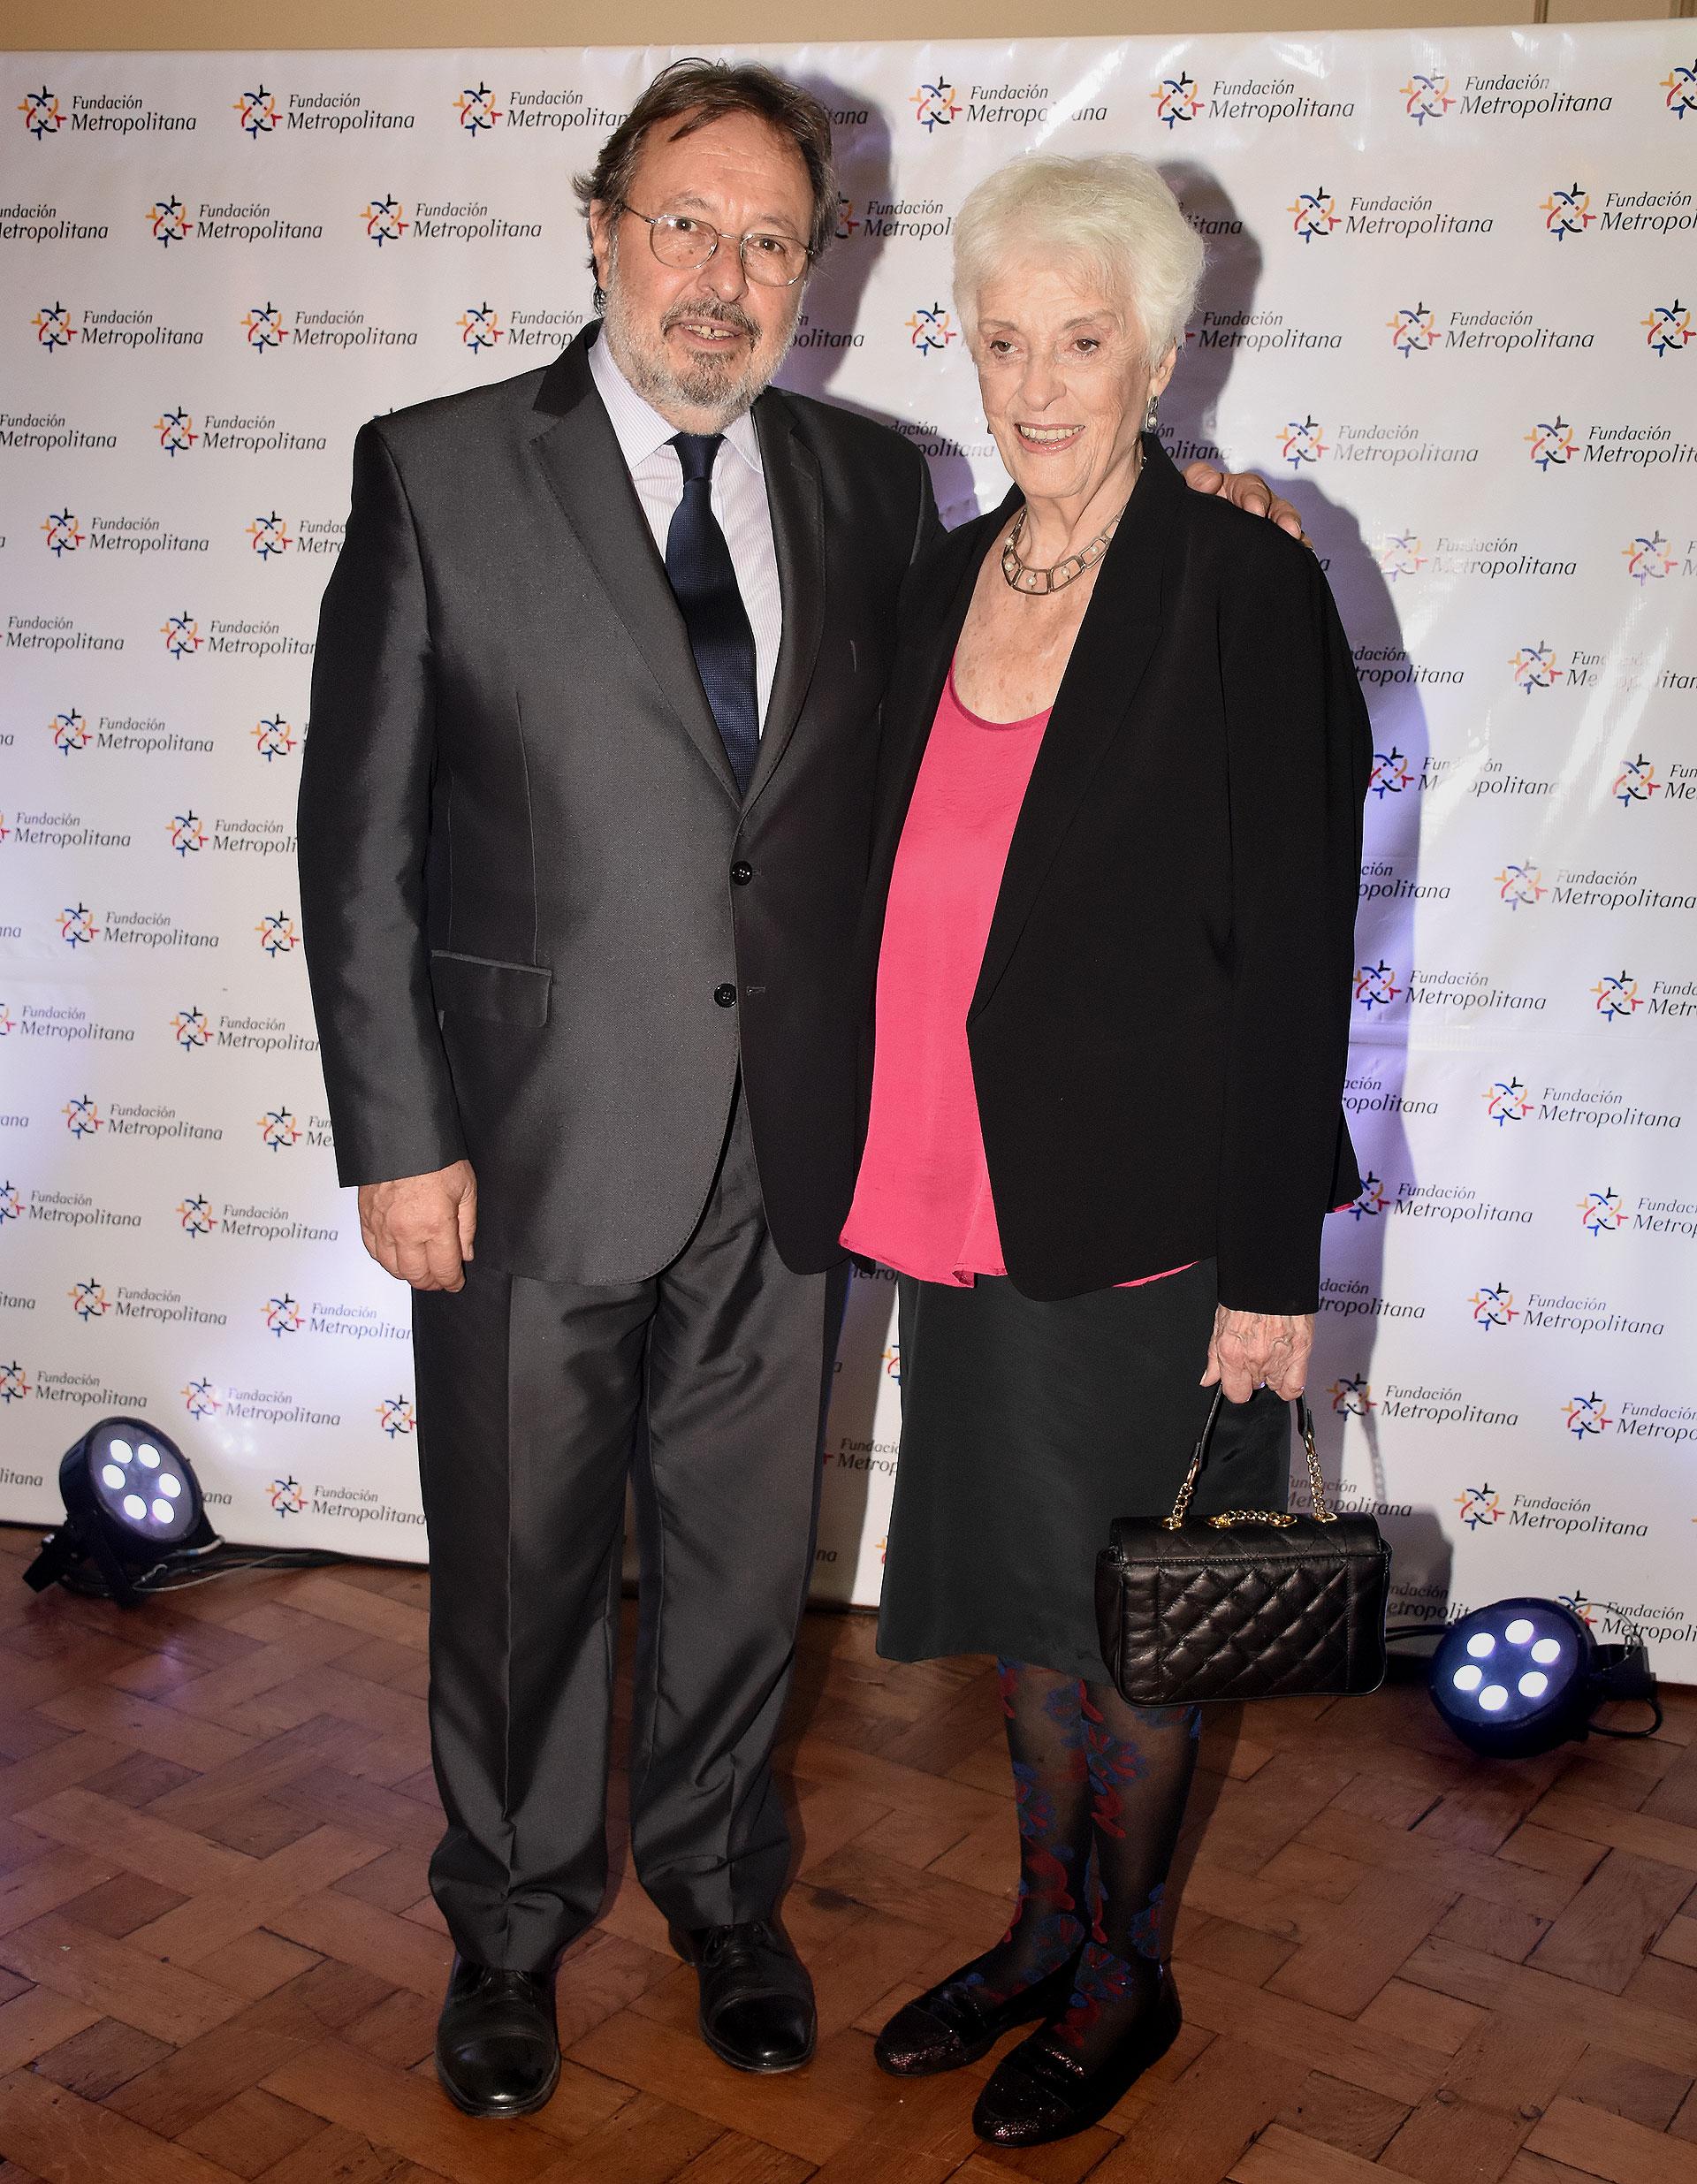 Pedro Del Piero, presidente de la Fundación Metropolitana, y Graciela Fernández Meijide